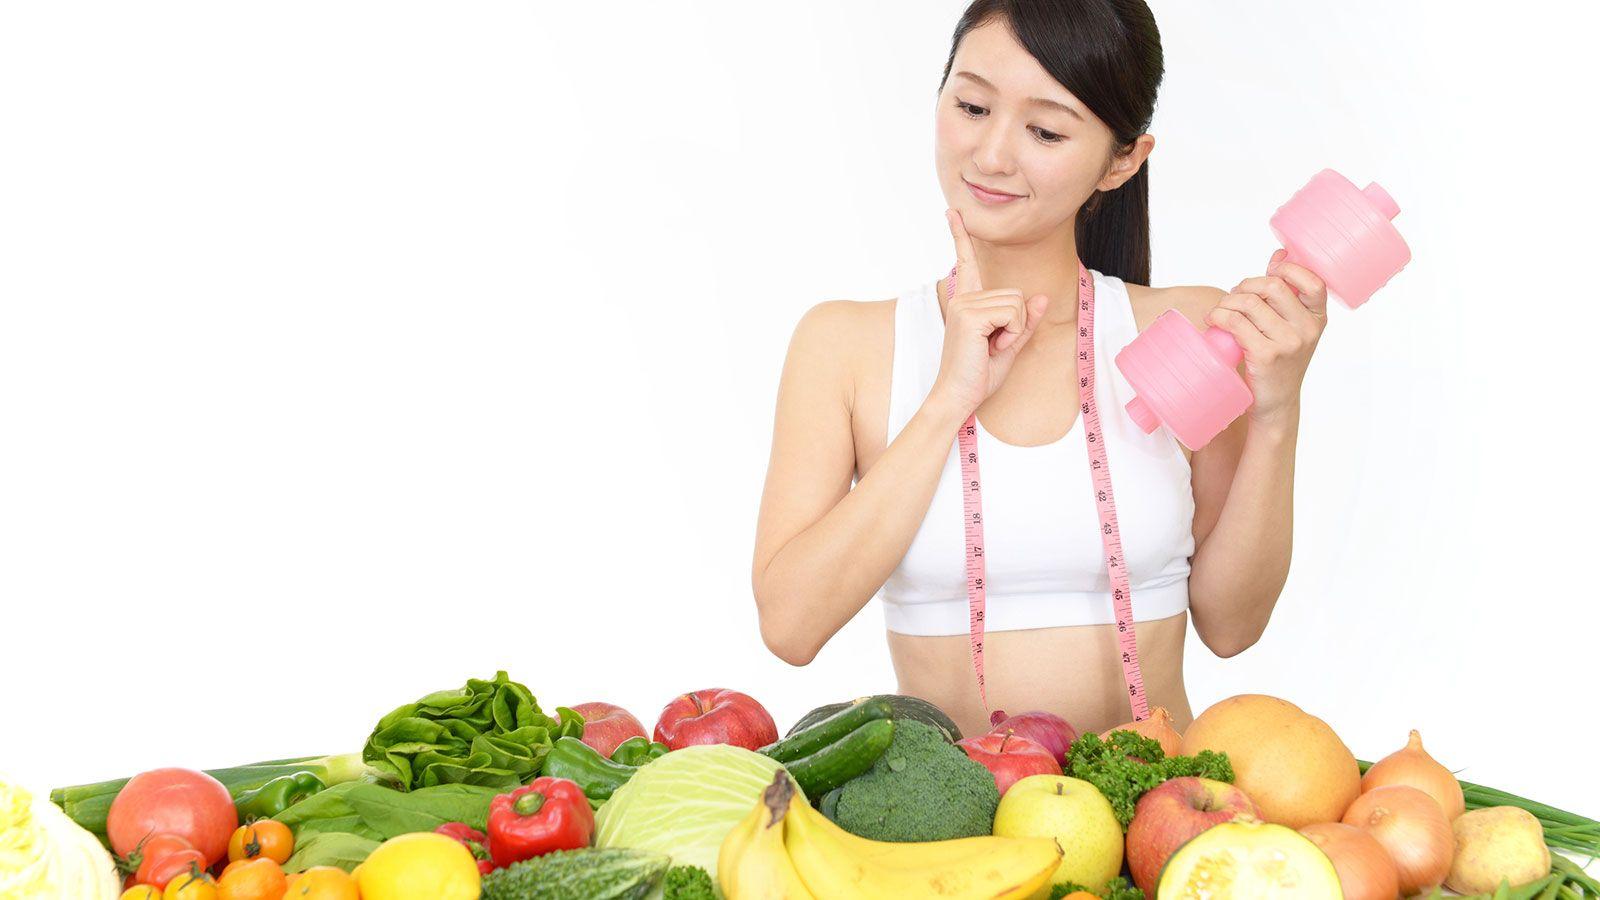 「太らない体」をつくる食事の取り方超基本 | 健康 | 東洋経済オンライン | 経済ニュースの新基準